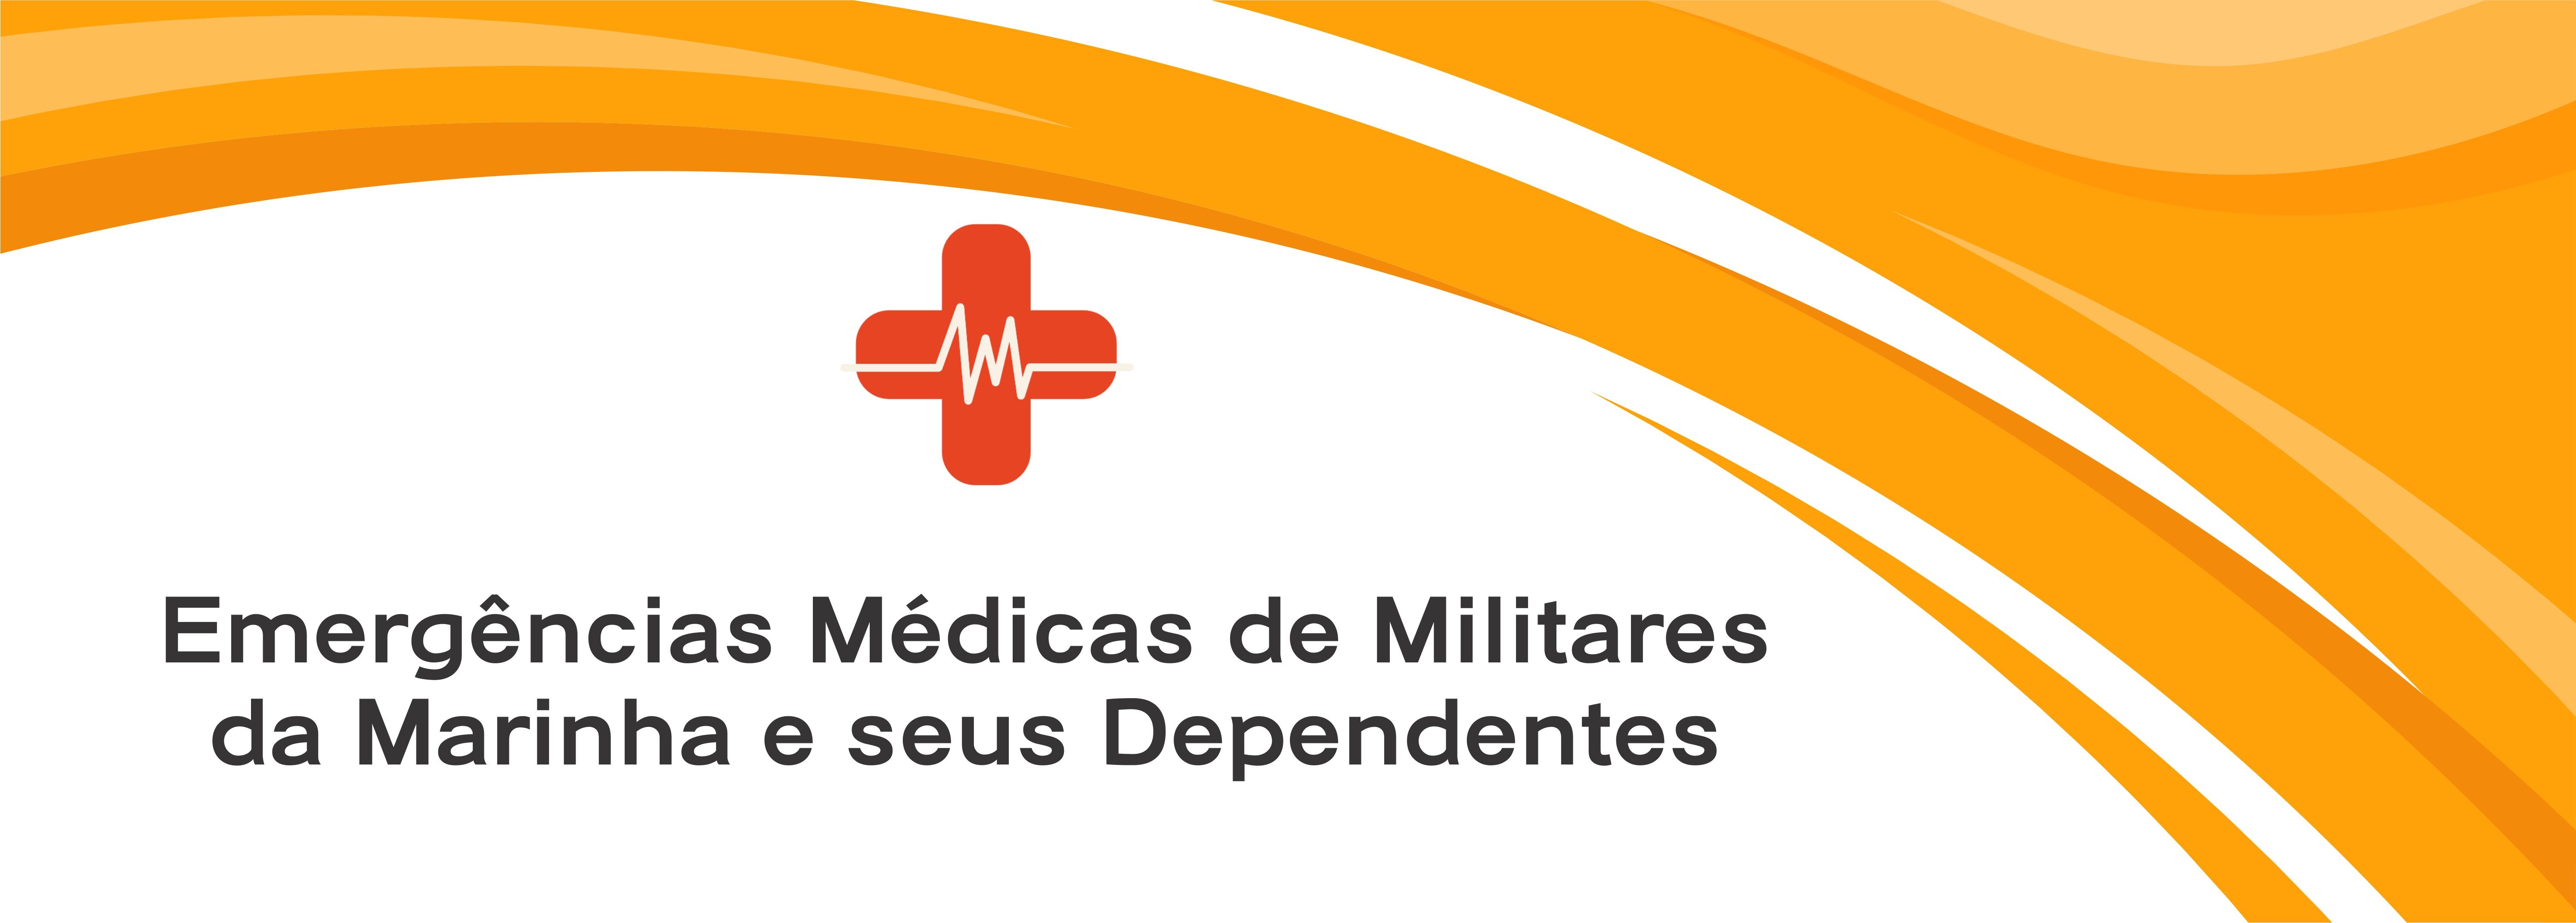 https://www.clubenaval.org.br/novo/emerg%C3%AAncias-m%C3%A9dicas-de-militares-da-marinha-e-seus-dependentes